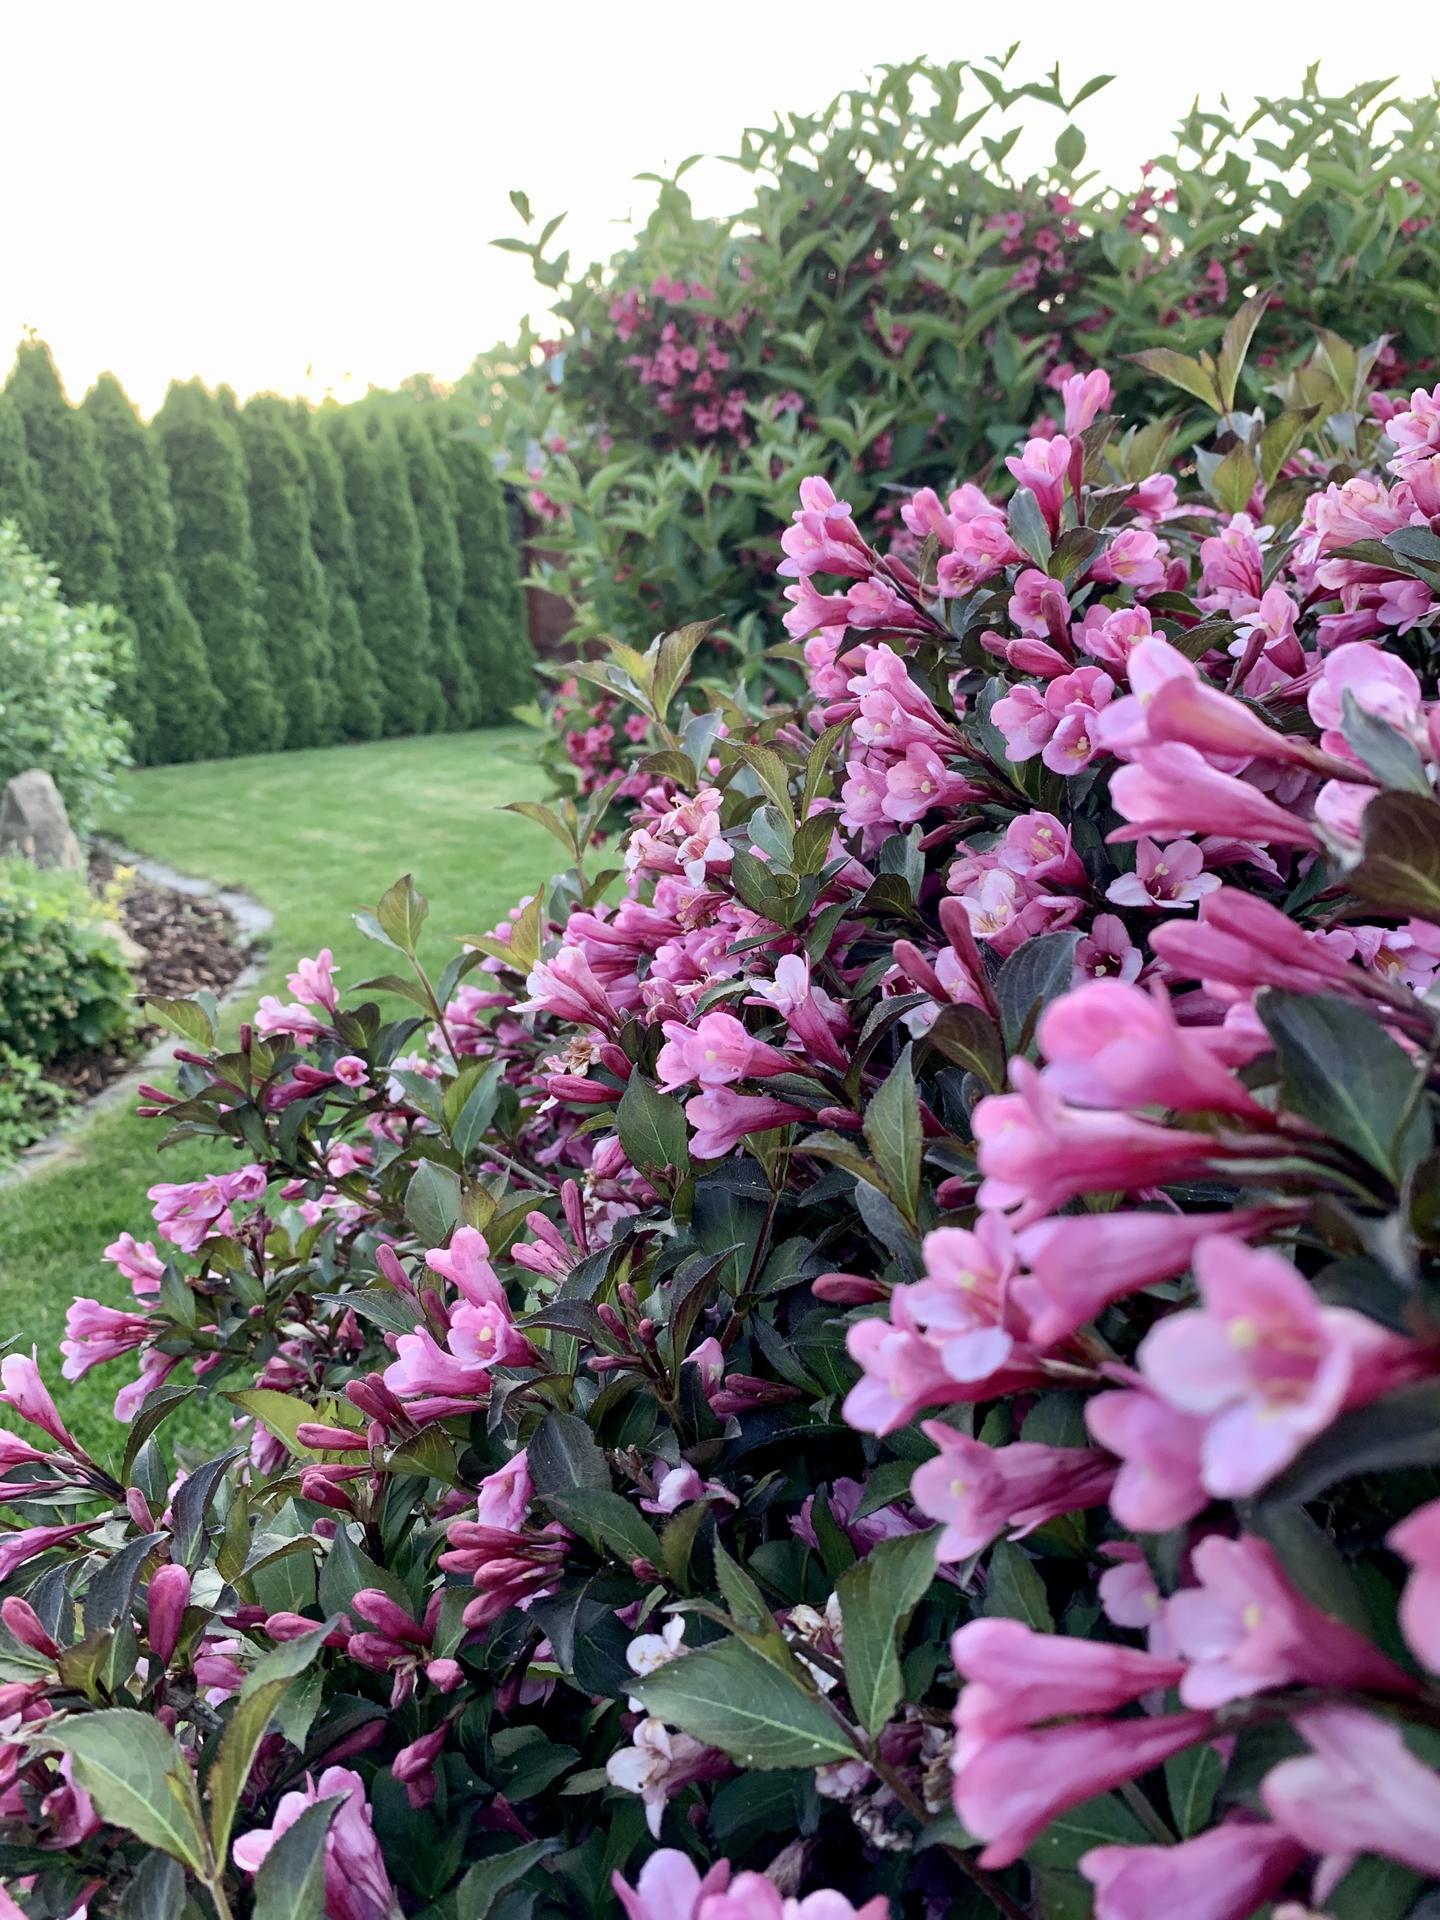 Naše barevná zahrada 🌸 - Vajgélie v květu 🌸